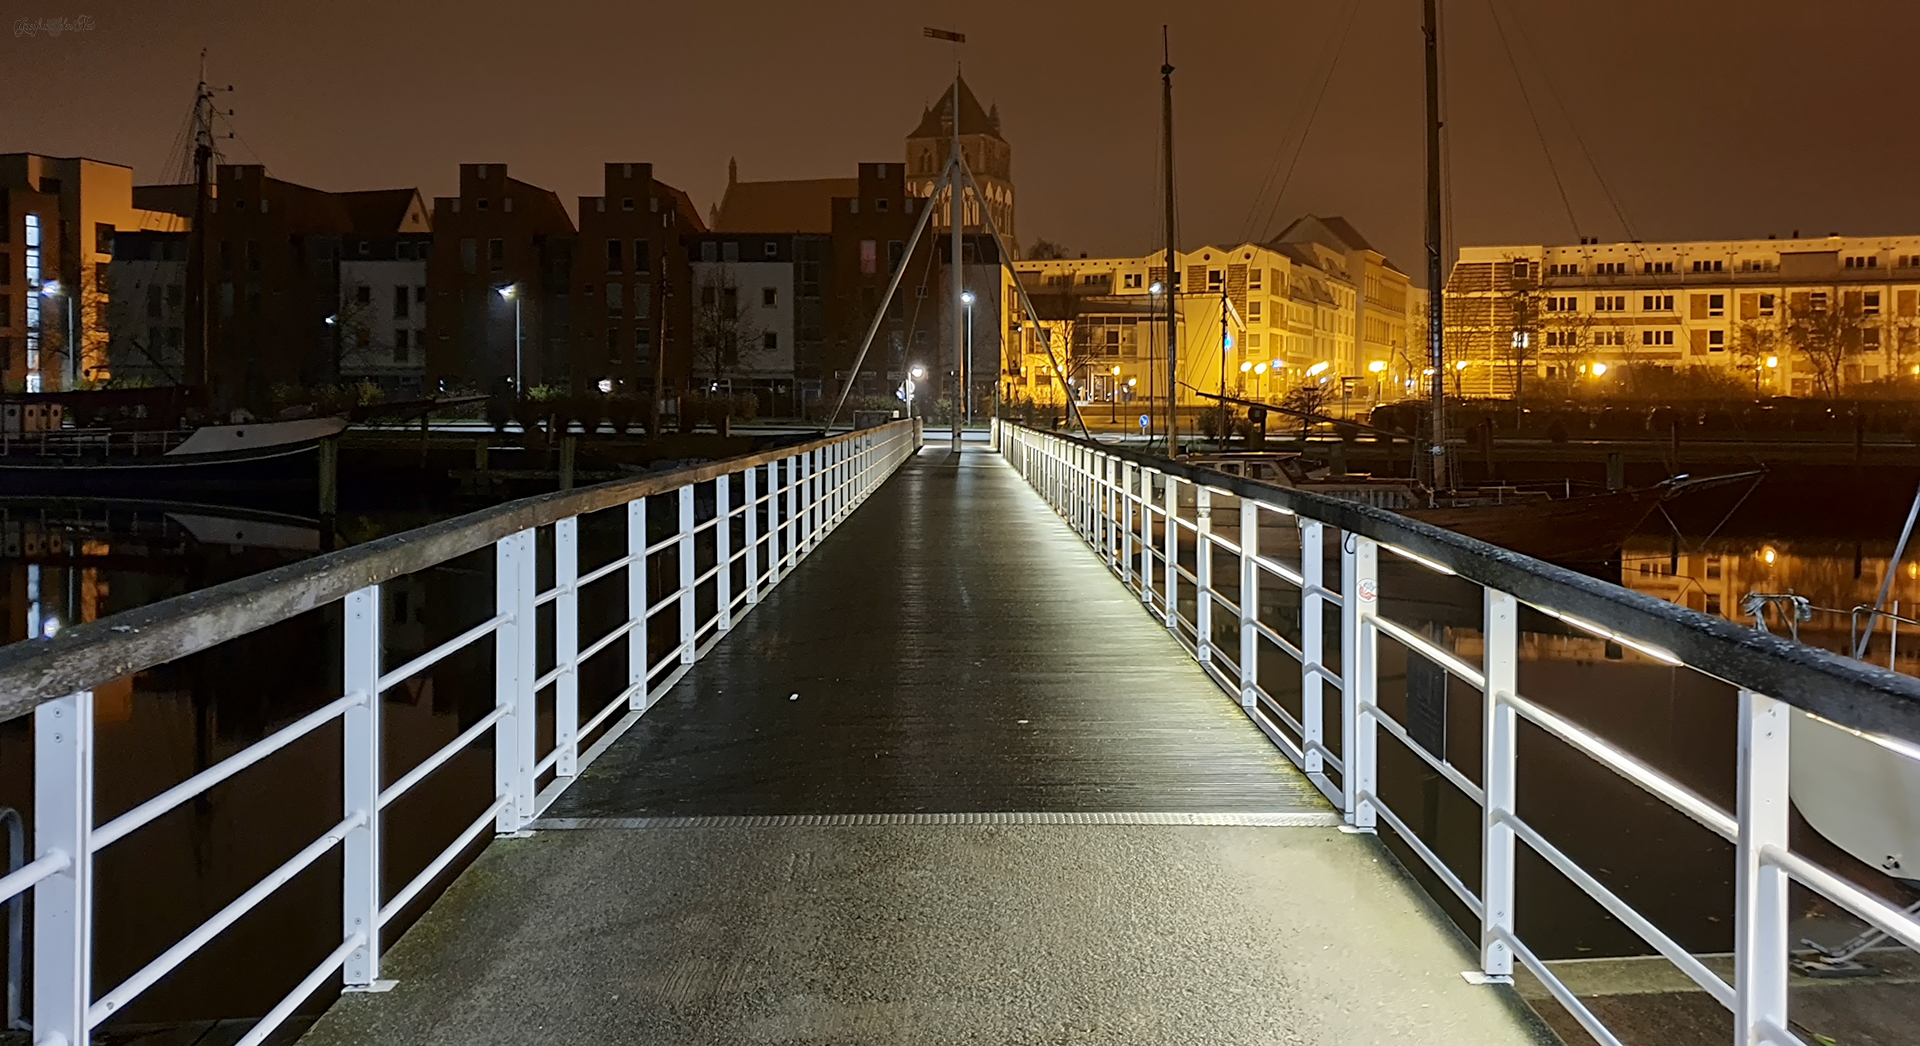 Museumshafen in Greifswald bei Nacht